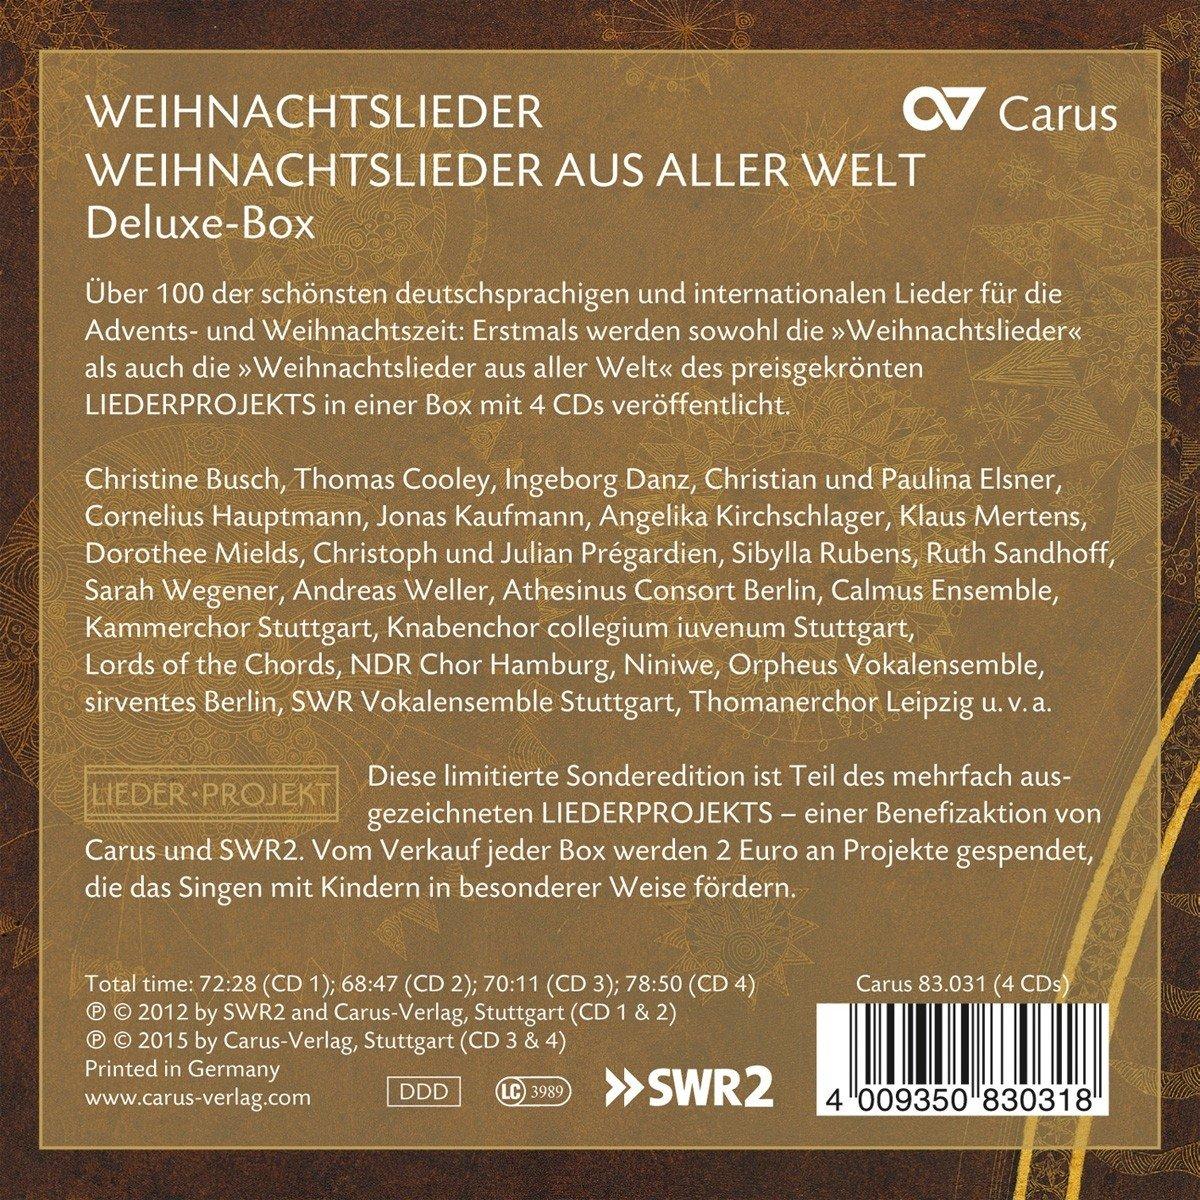 Jonas Kaufmann Weihnachtslieder.Weihnachtslieder Aus Aller Welt Deluxe Box